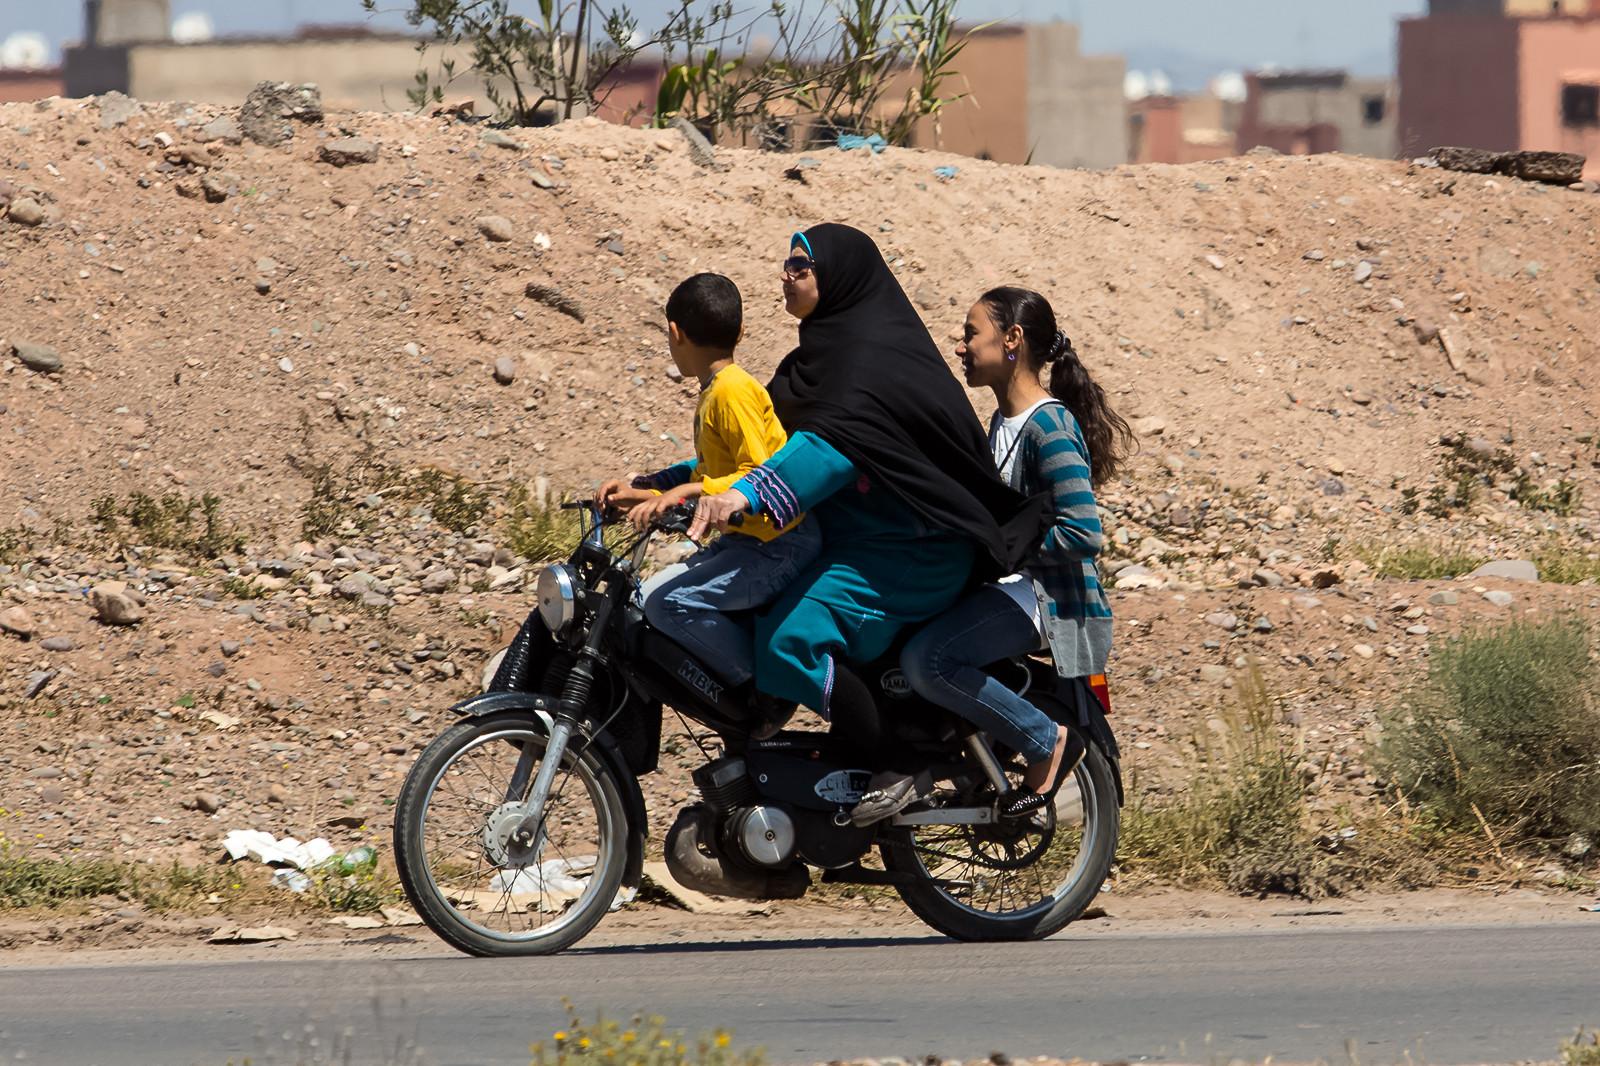 Wer braucht schon einen Helm und wer hat eigentlich gesagt, dass auf einem Moped nur zwei Personen Platz haben?